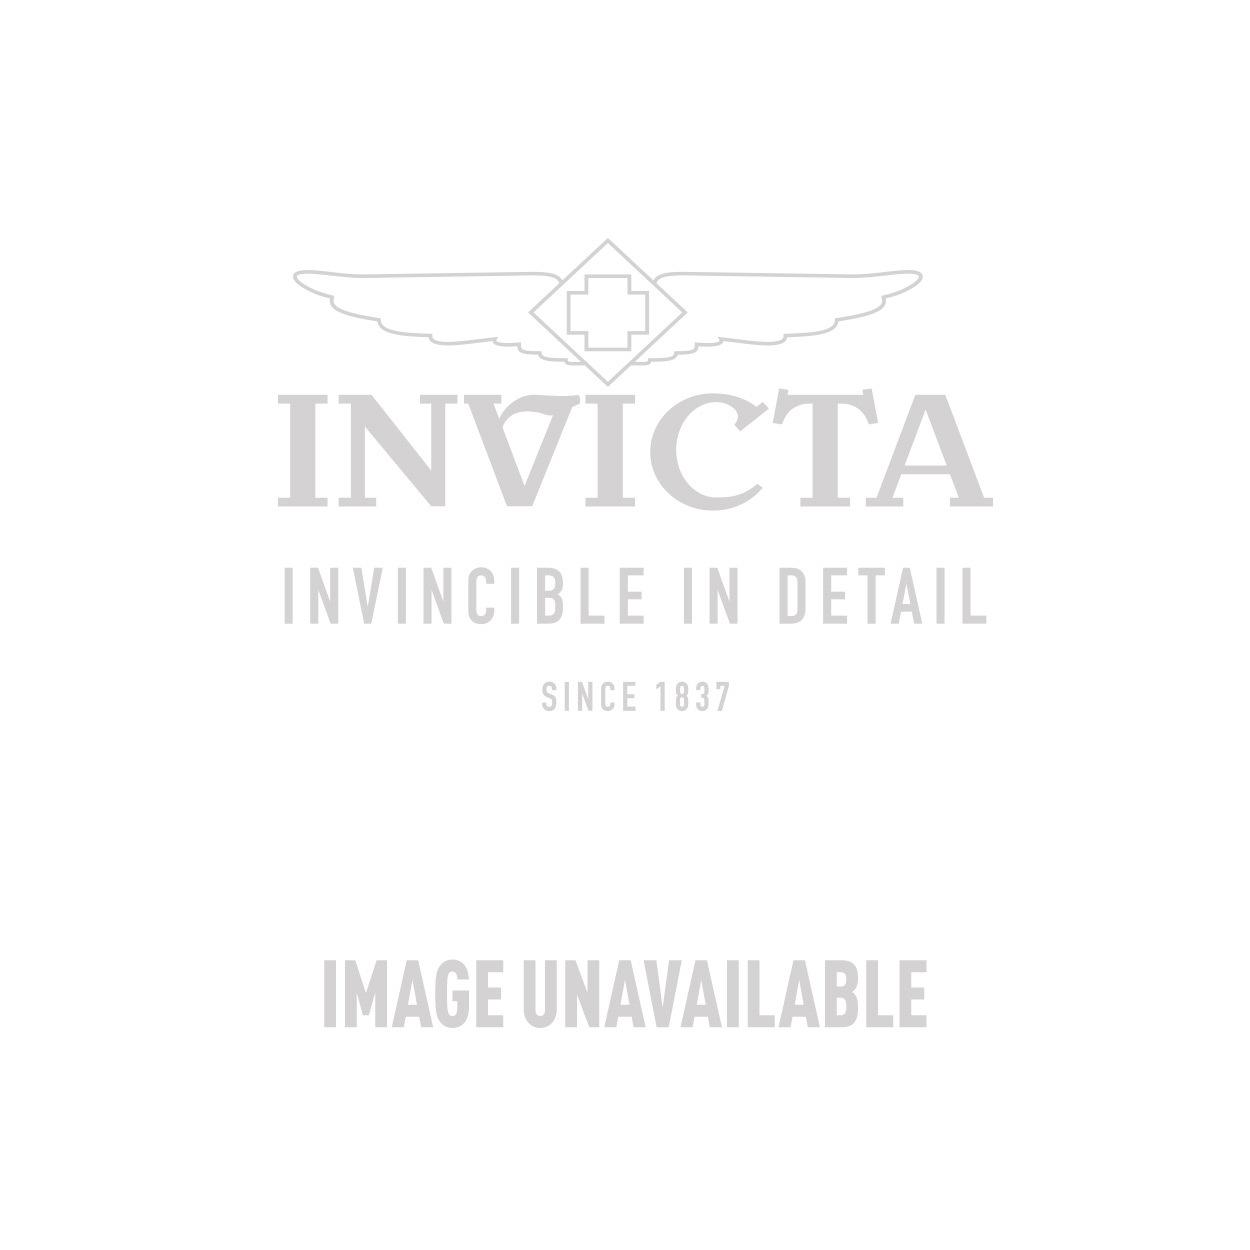 Invicta Model 26717